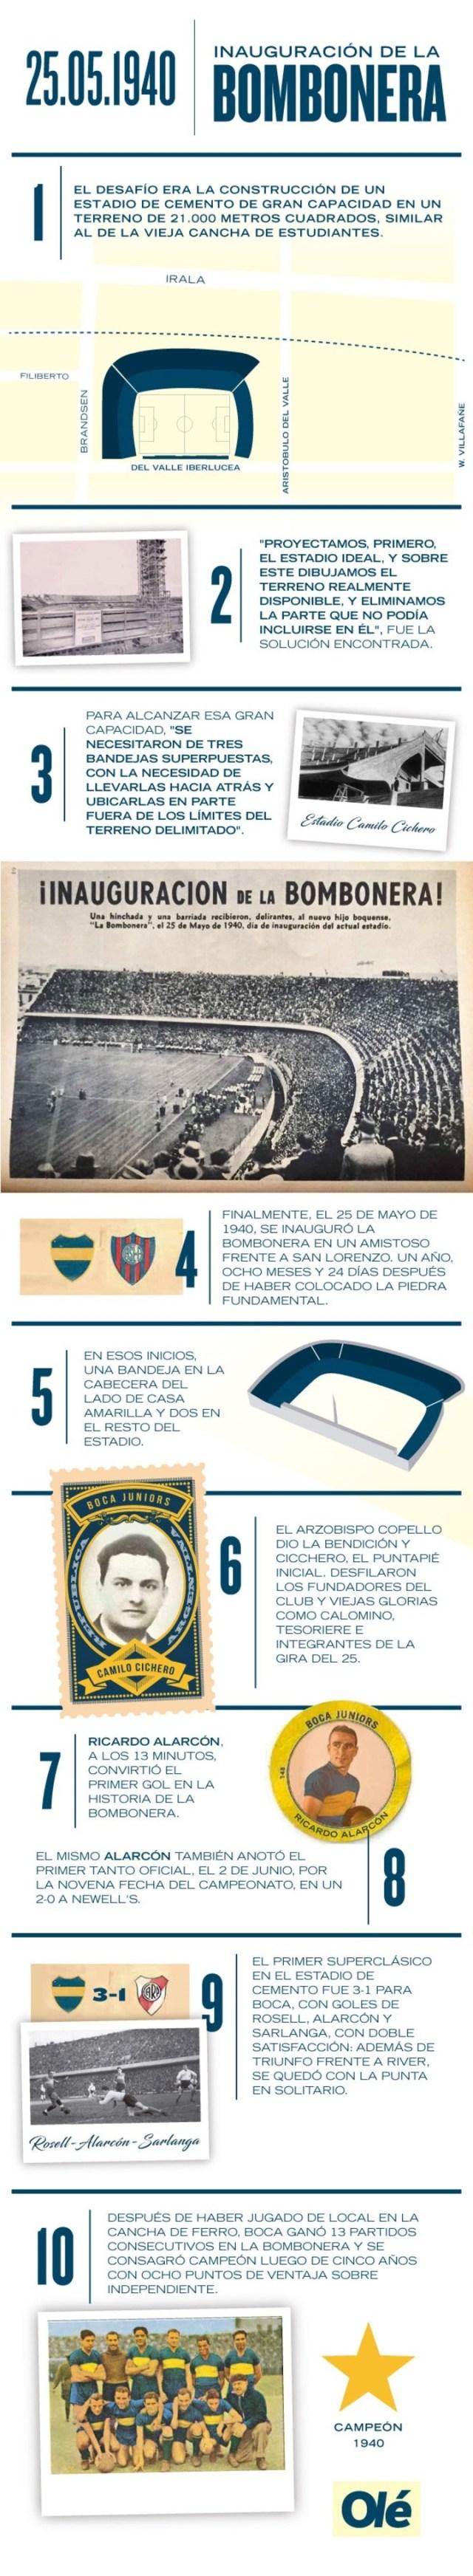 Diez puntos clave de los primeros años de la Bombonera.